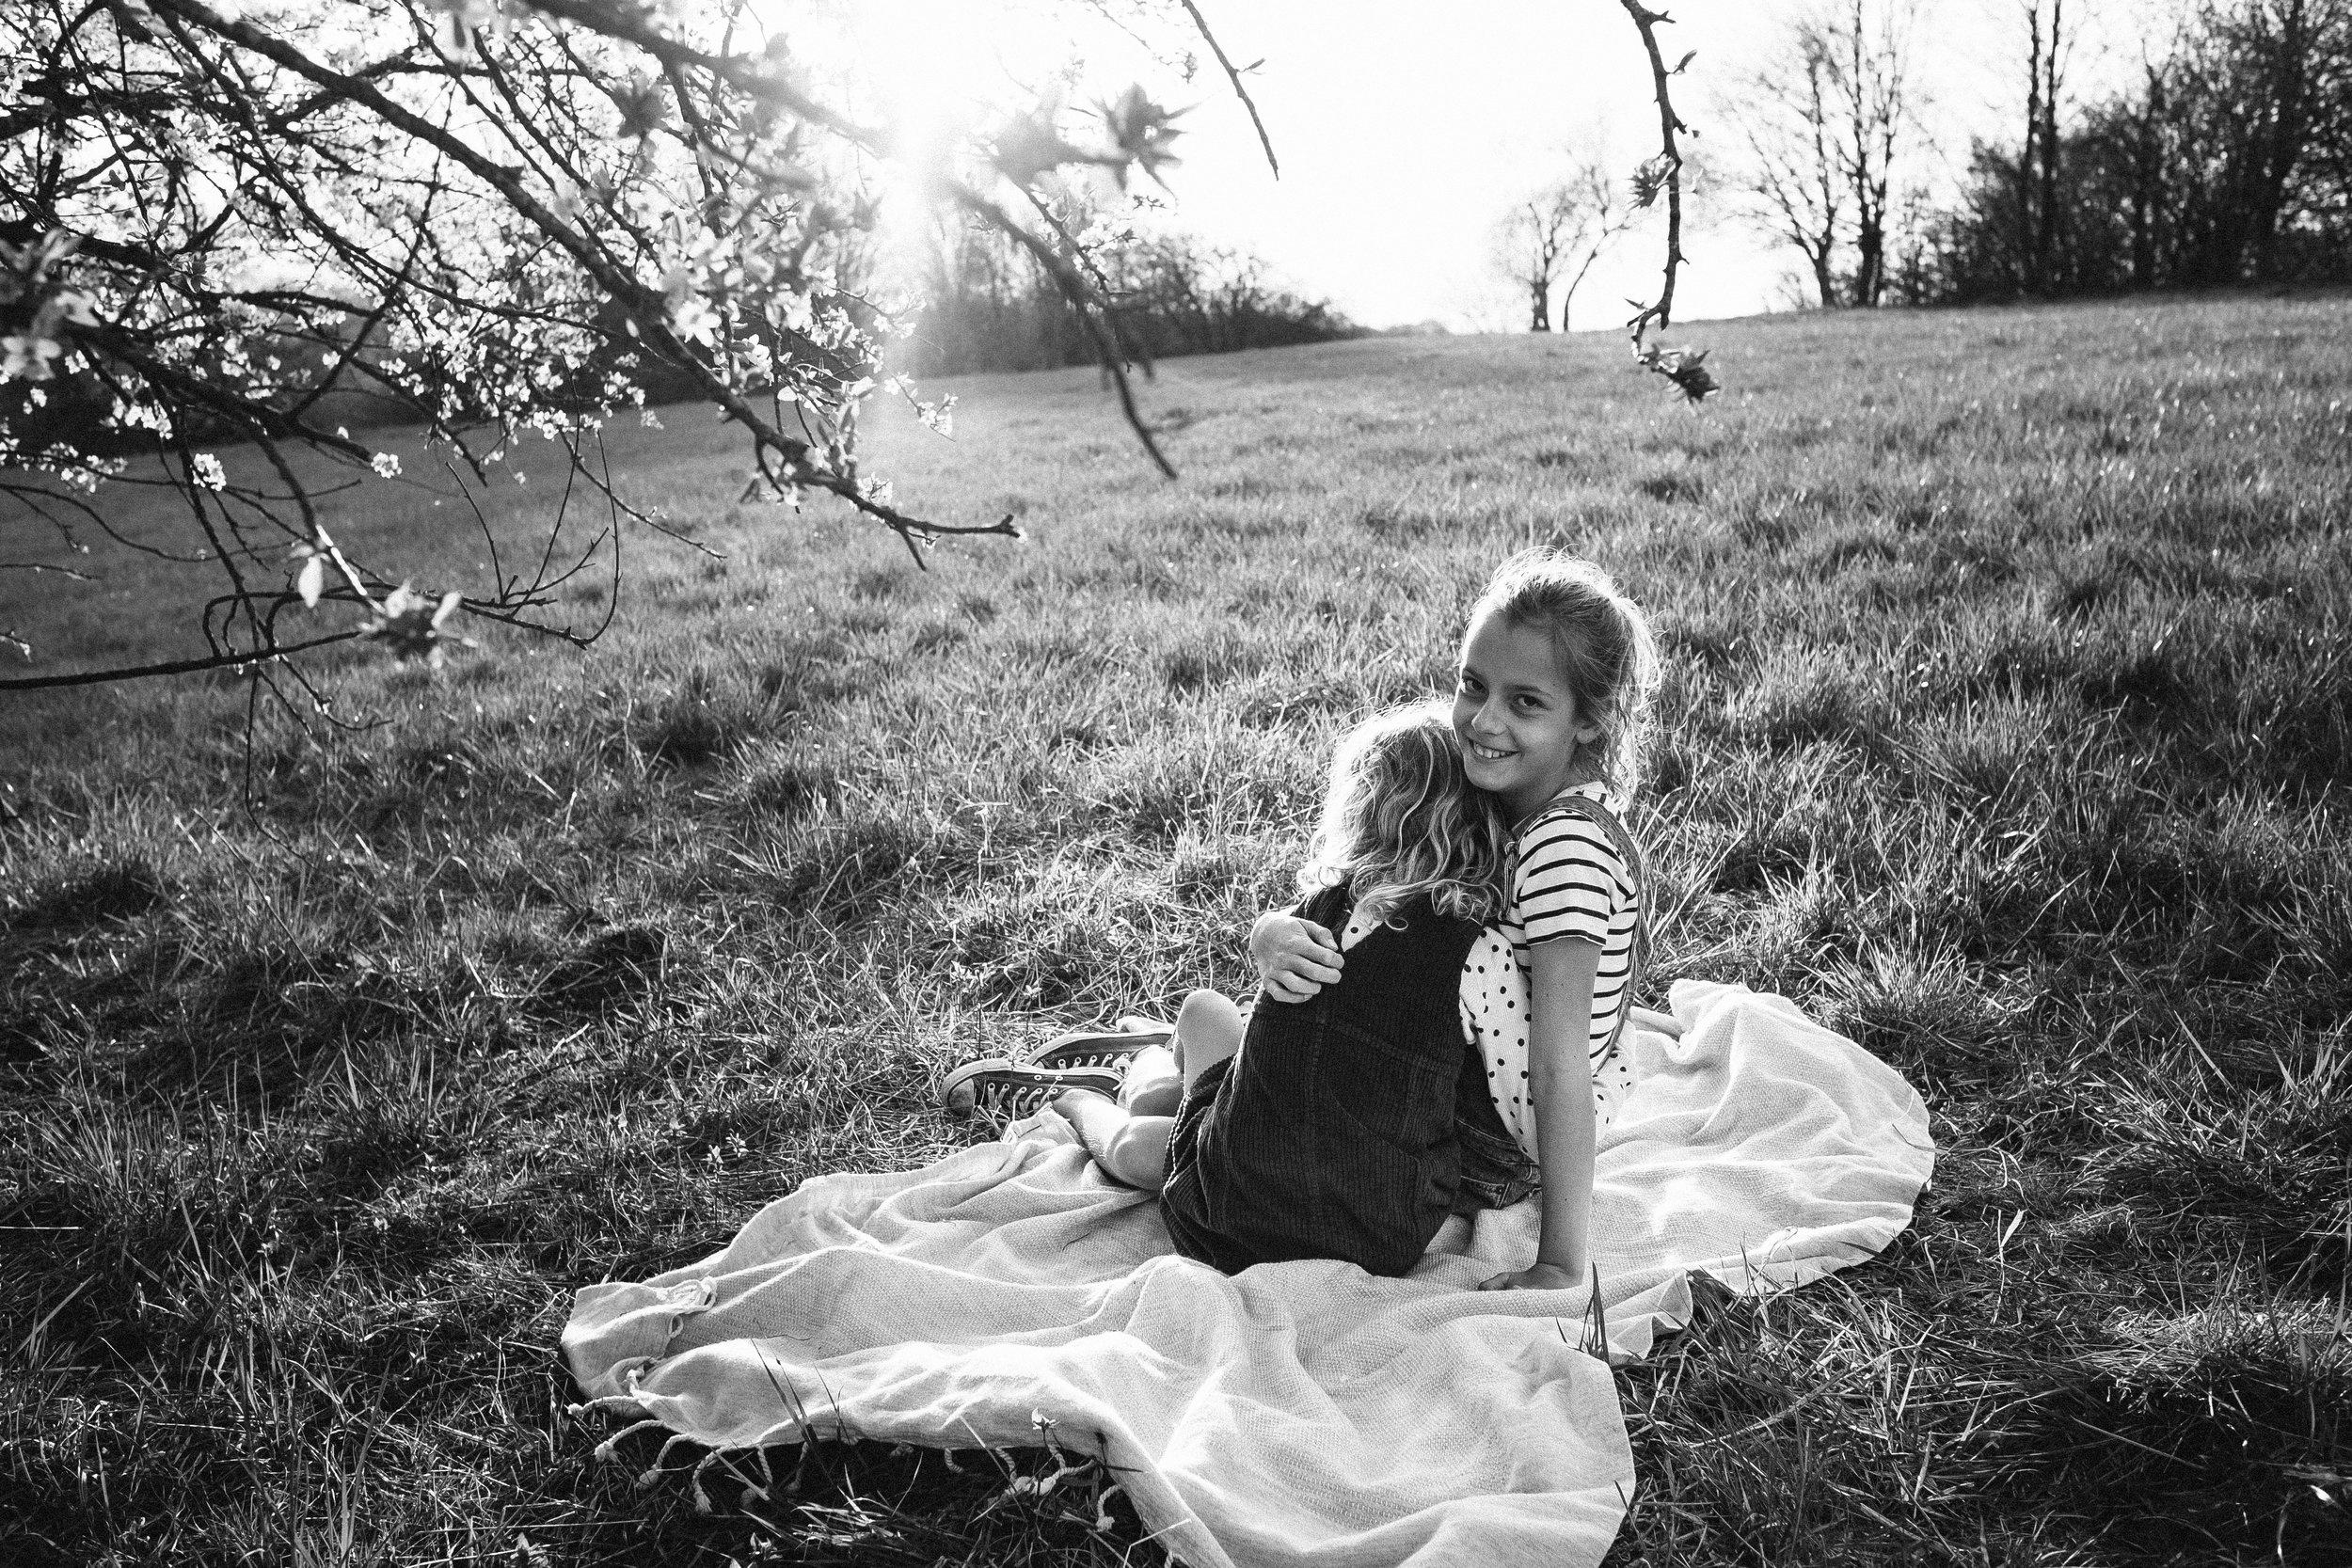 Streuobstwiese - Viola Mueller-Gerbes Photography-7.jpg